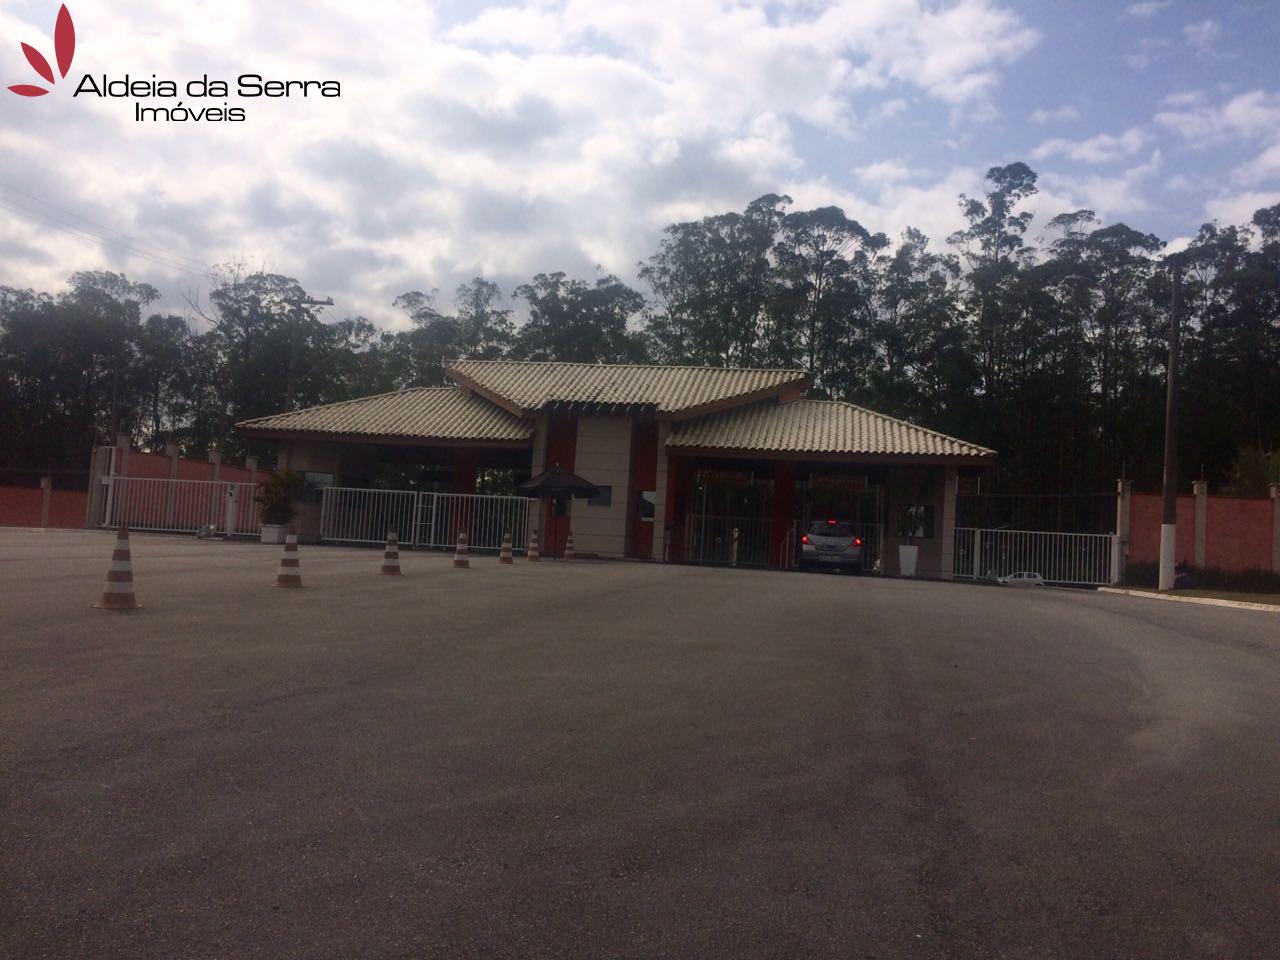 /admin/imoveis/fotos/IMG-20180602-WA0006.jpgVenda - Morada da Serra Aldeia da Serra Imoveis